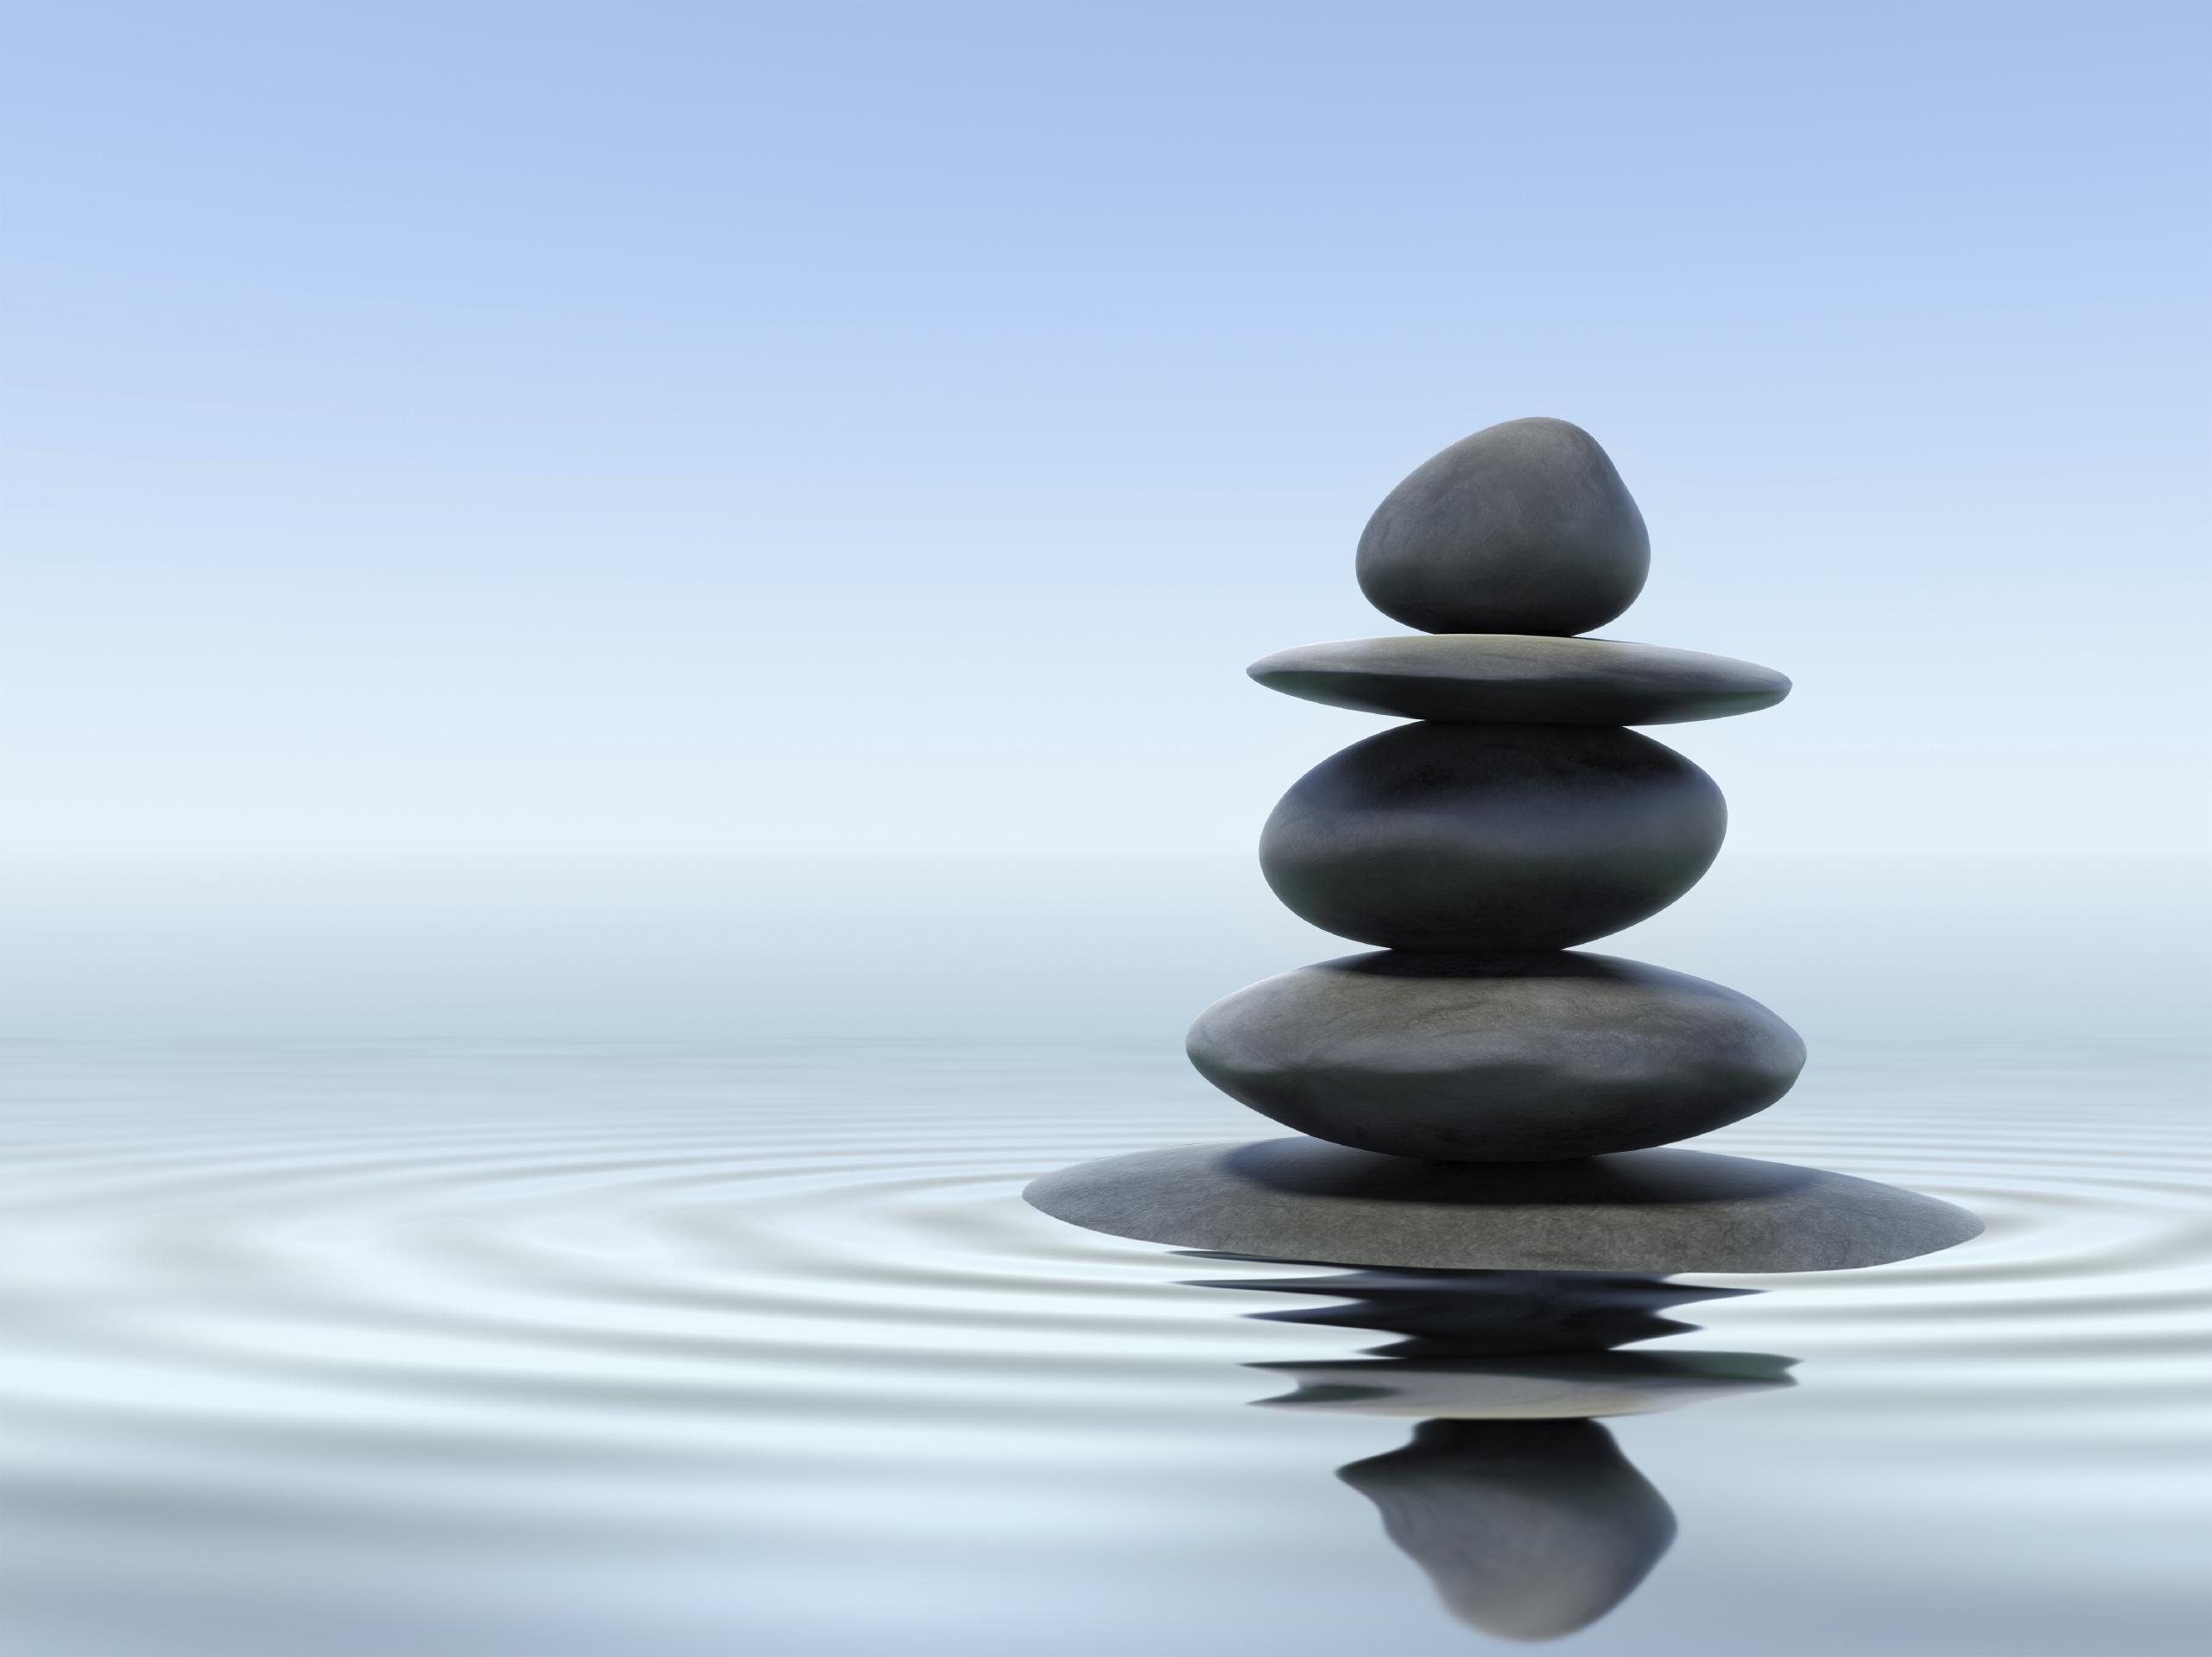 Kan mindfulness je helpen bij depressie, angst en pijn?